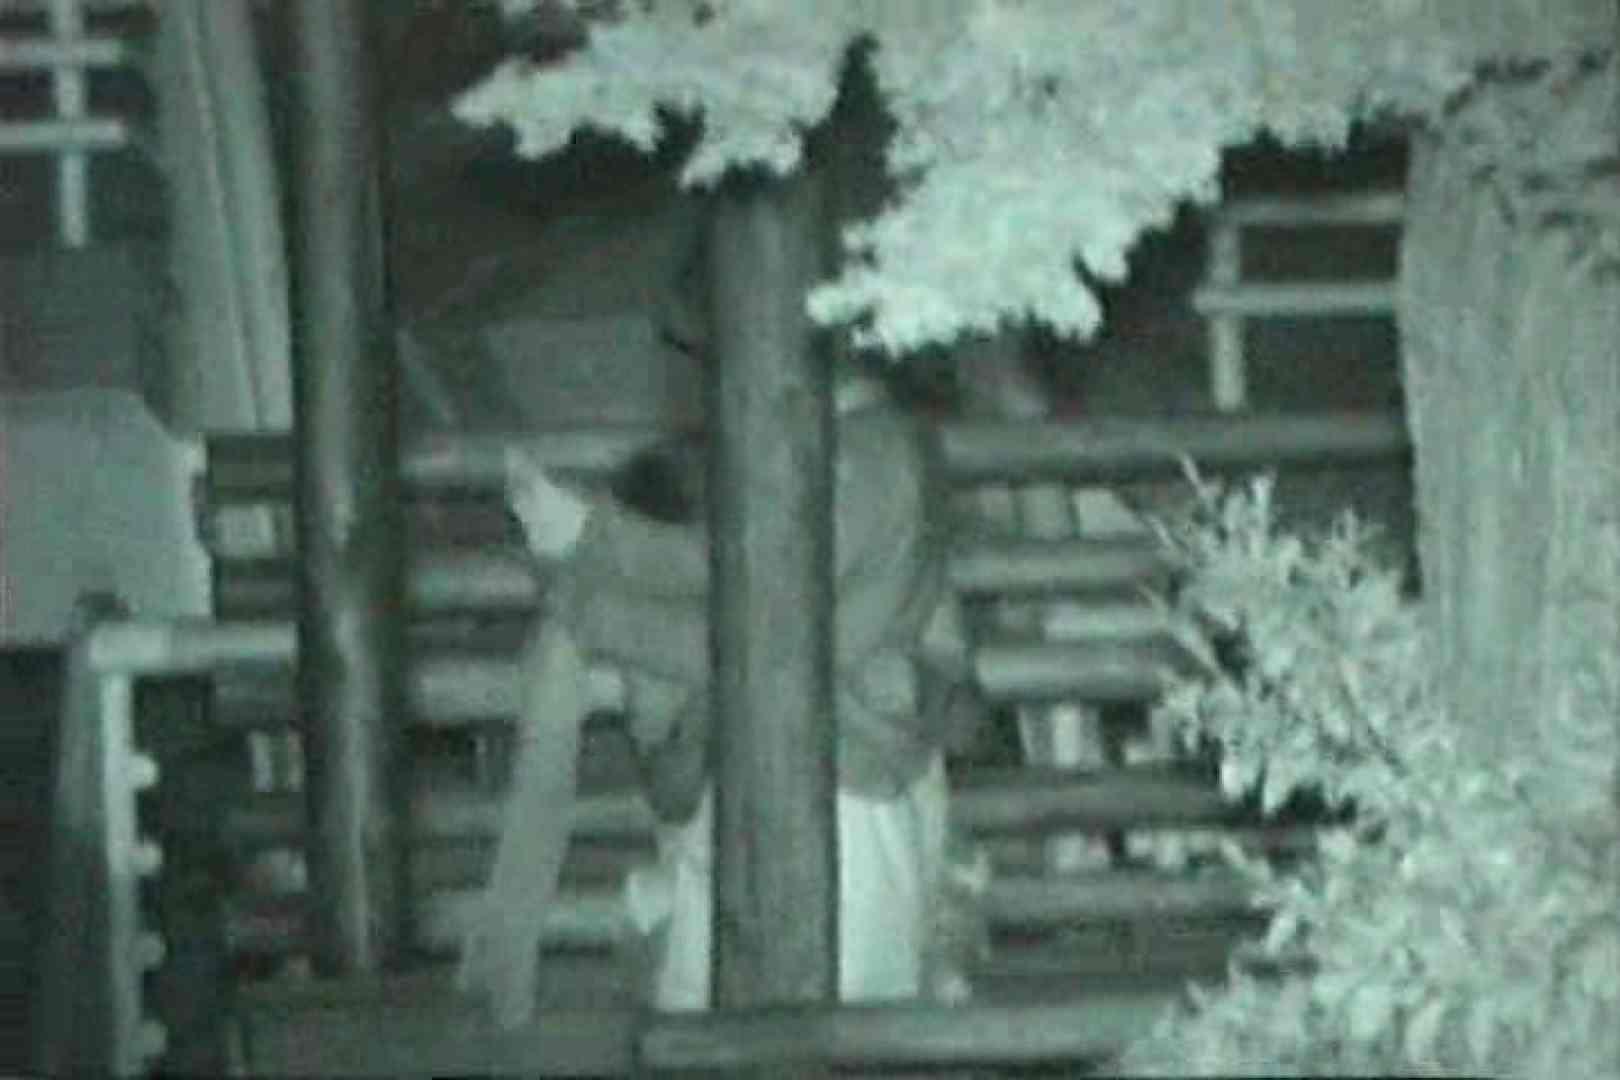 車の中はラブホテル 無修正版  Vol.28 ホテル のぞき濡れ場動画紹介 79画像 64